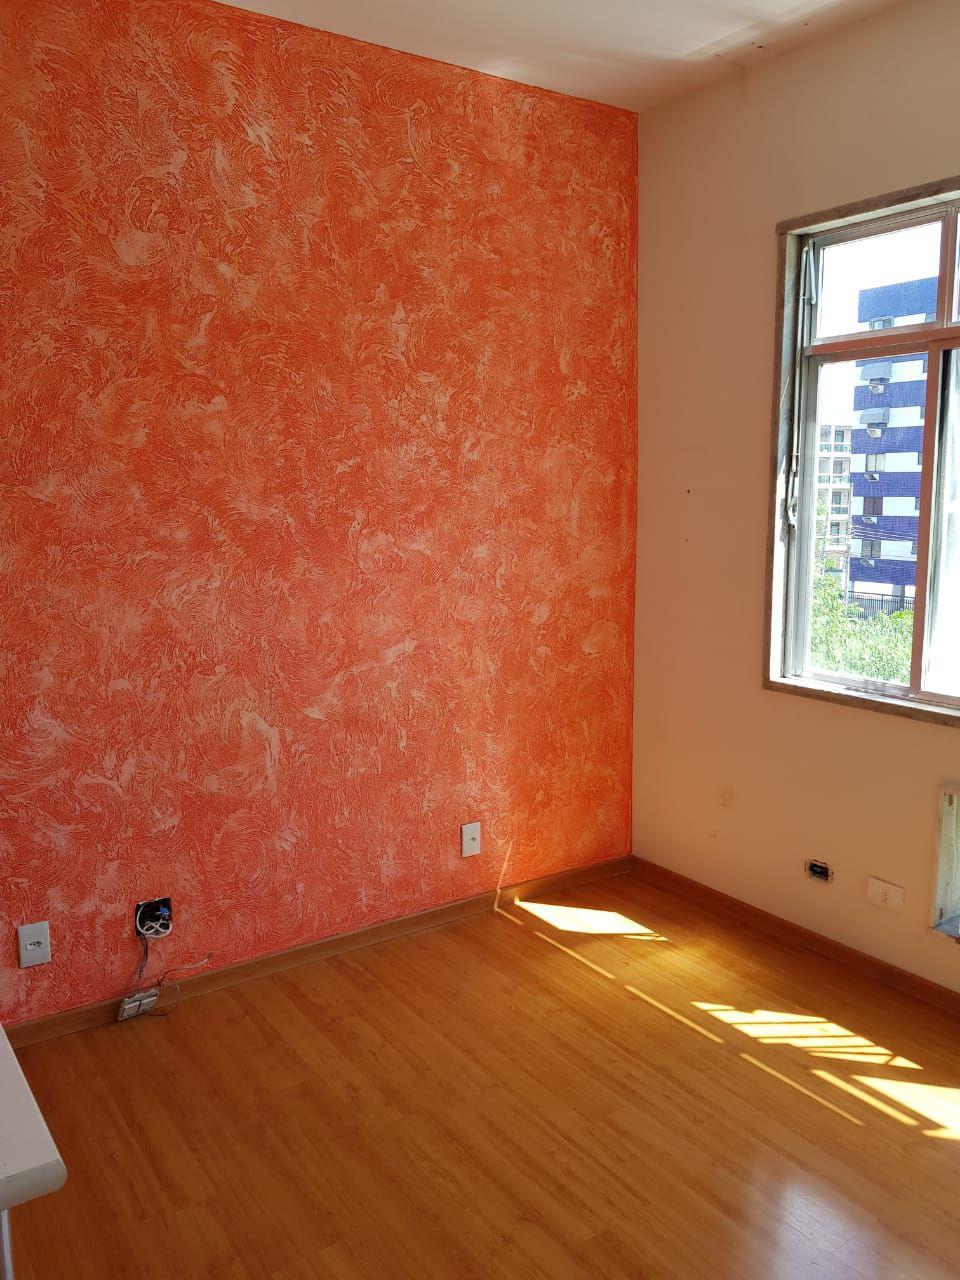 FOTO 11 - Apartamento à venda Rua da Divina Misericórdia,Vila Valqueire, Rio de Janeiro - R$ 790.000 - RF128 - 12